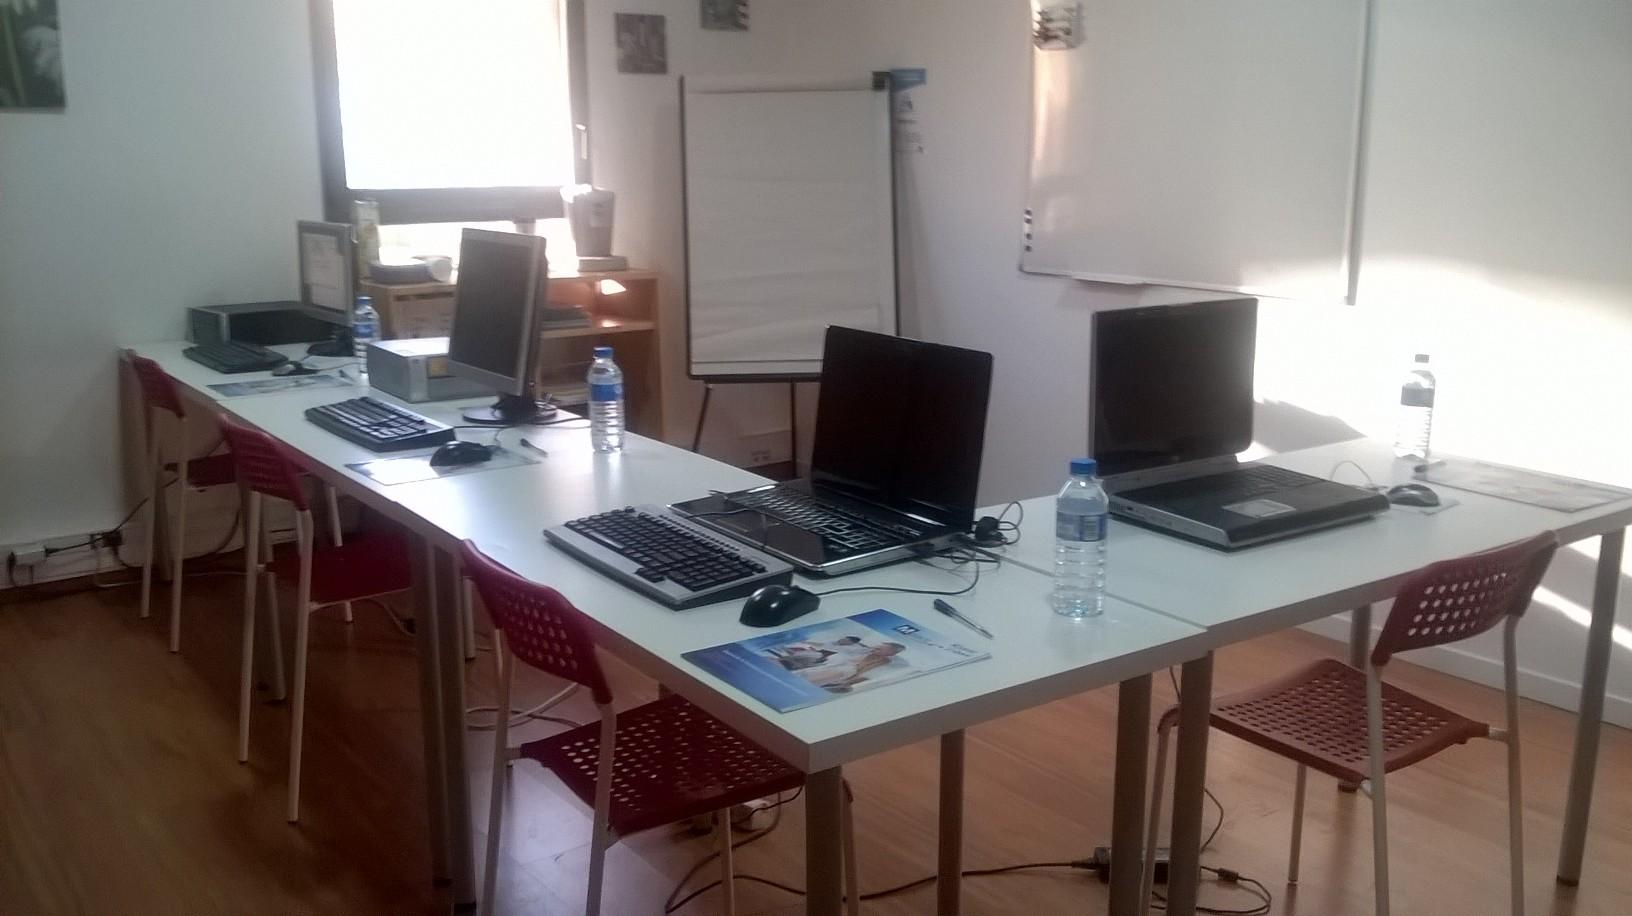 Notre salle de formation équipée en informatique -capacité jusqu'à 8 personnes